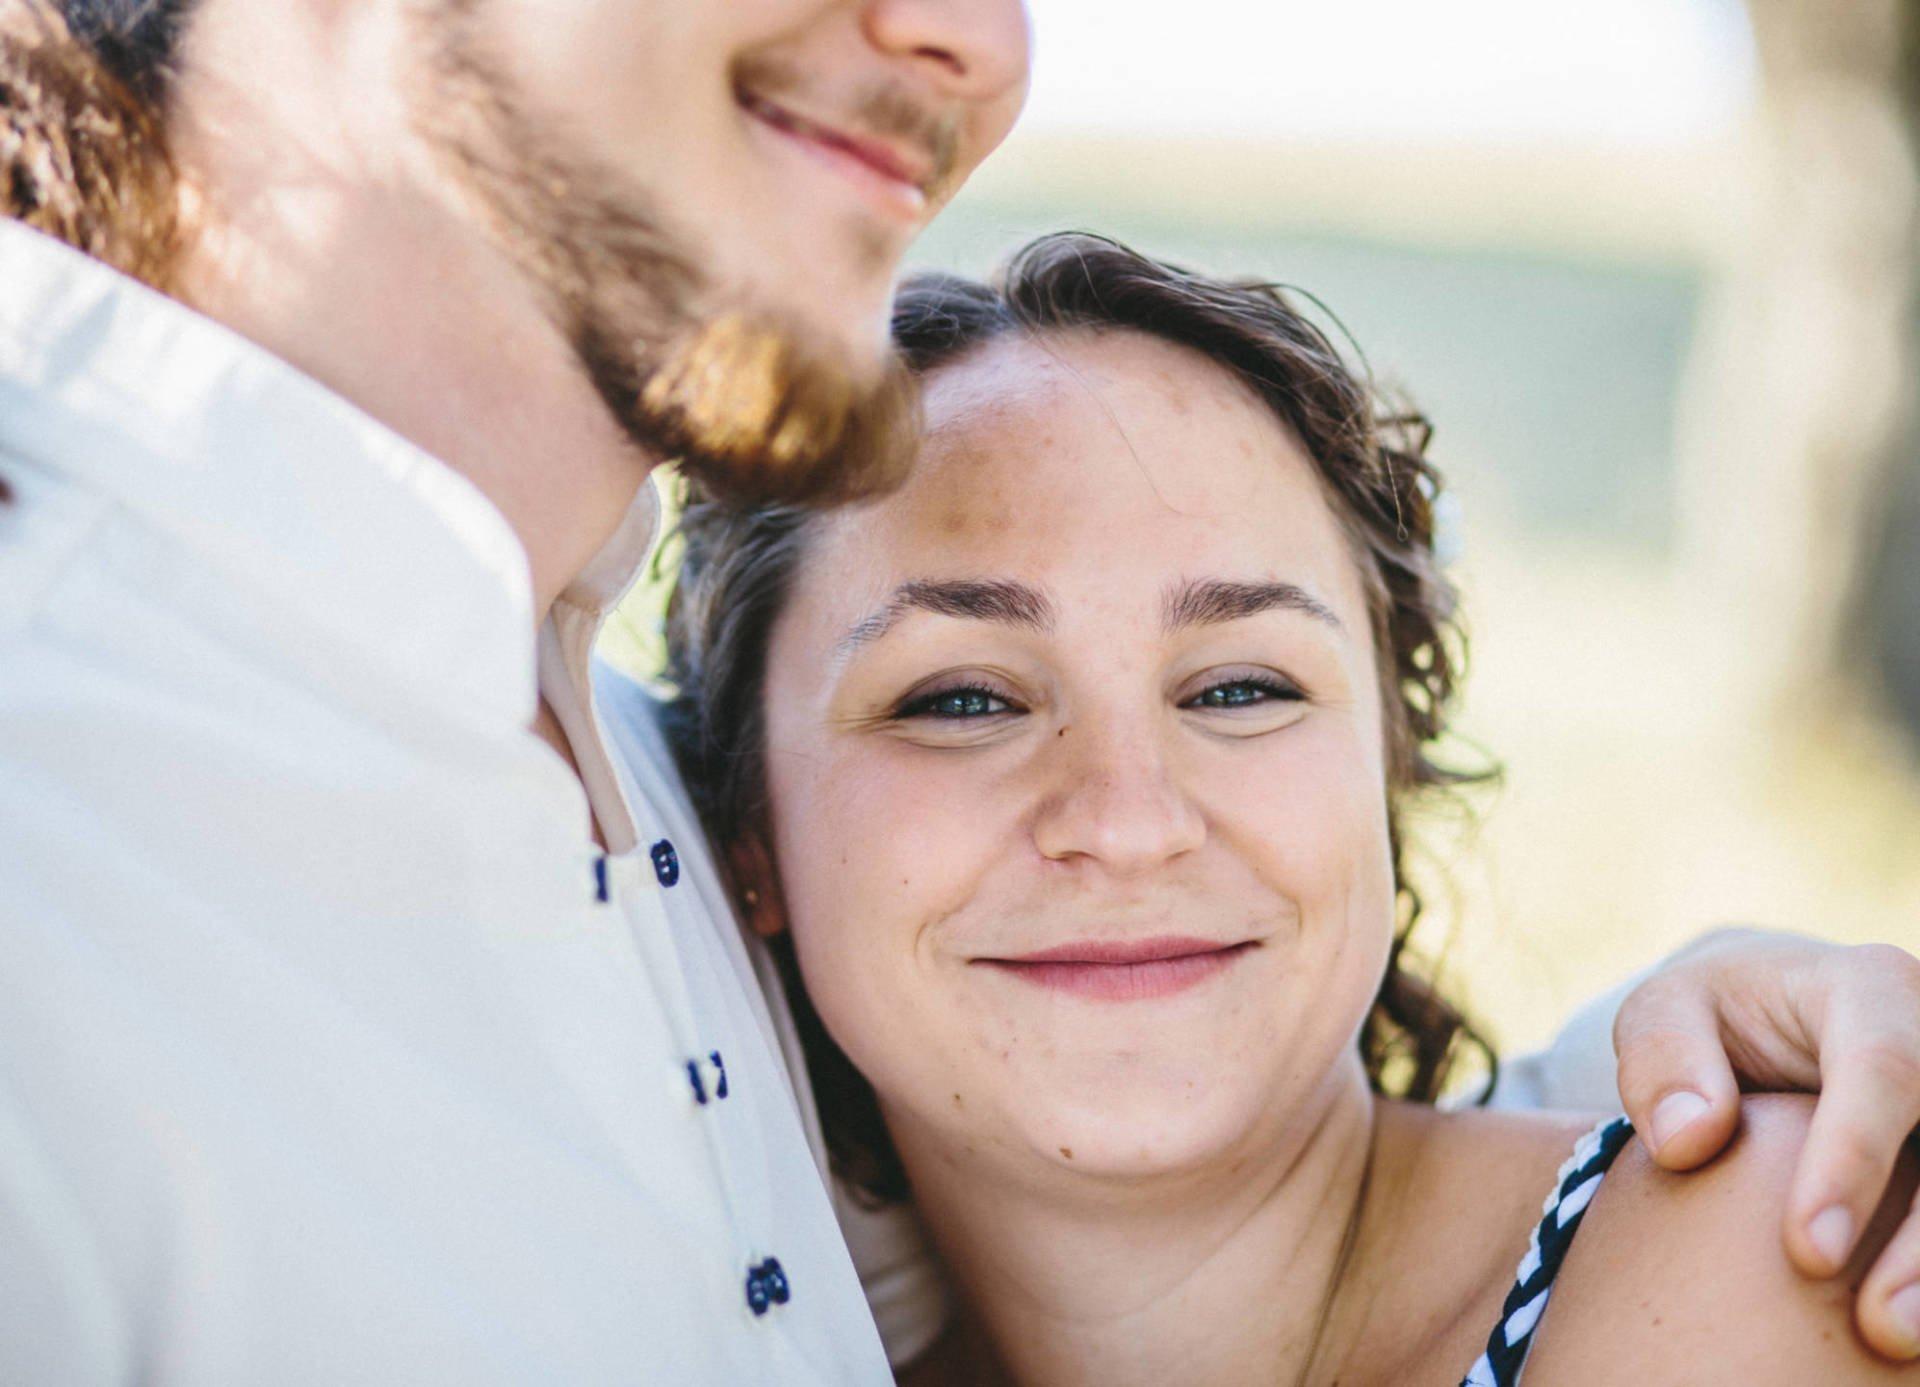 Hochzeitsreportage | Hochzeit in Kreuzgewölbe Schöngleina | 23